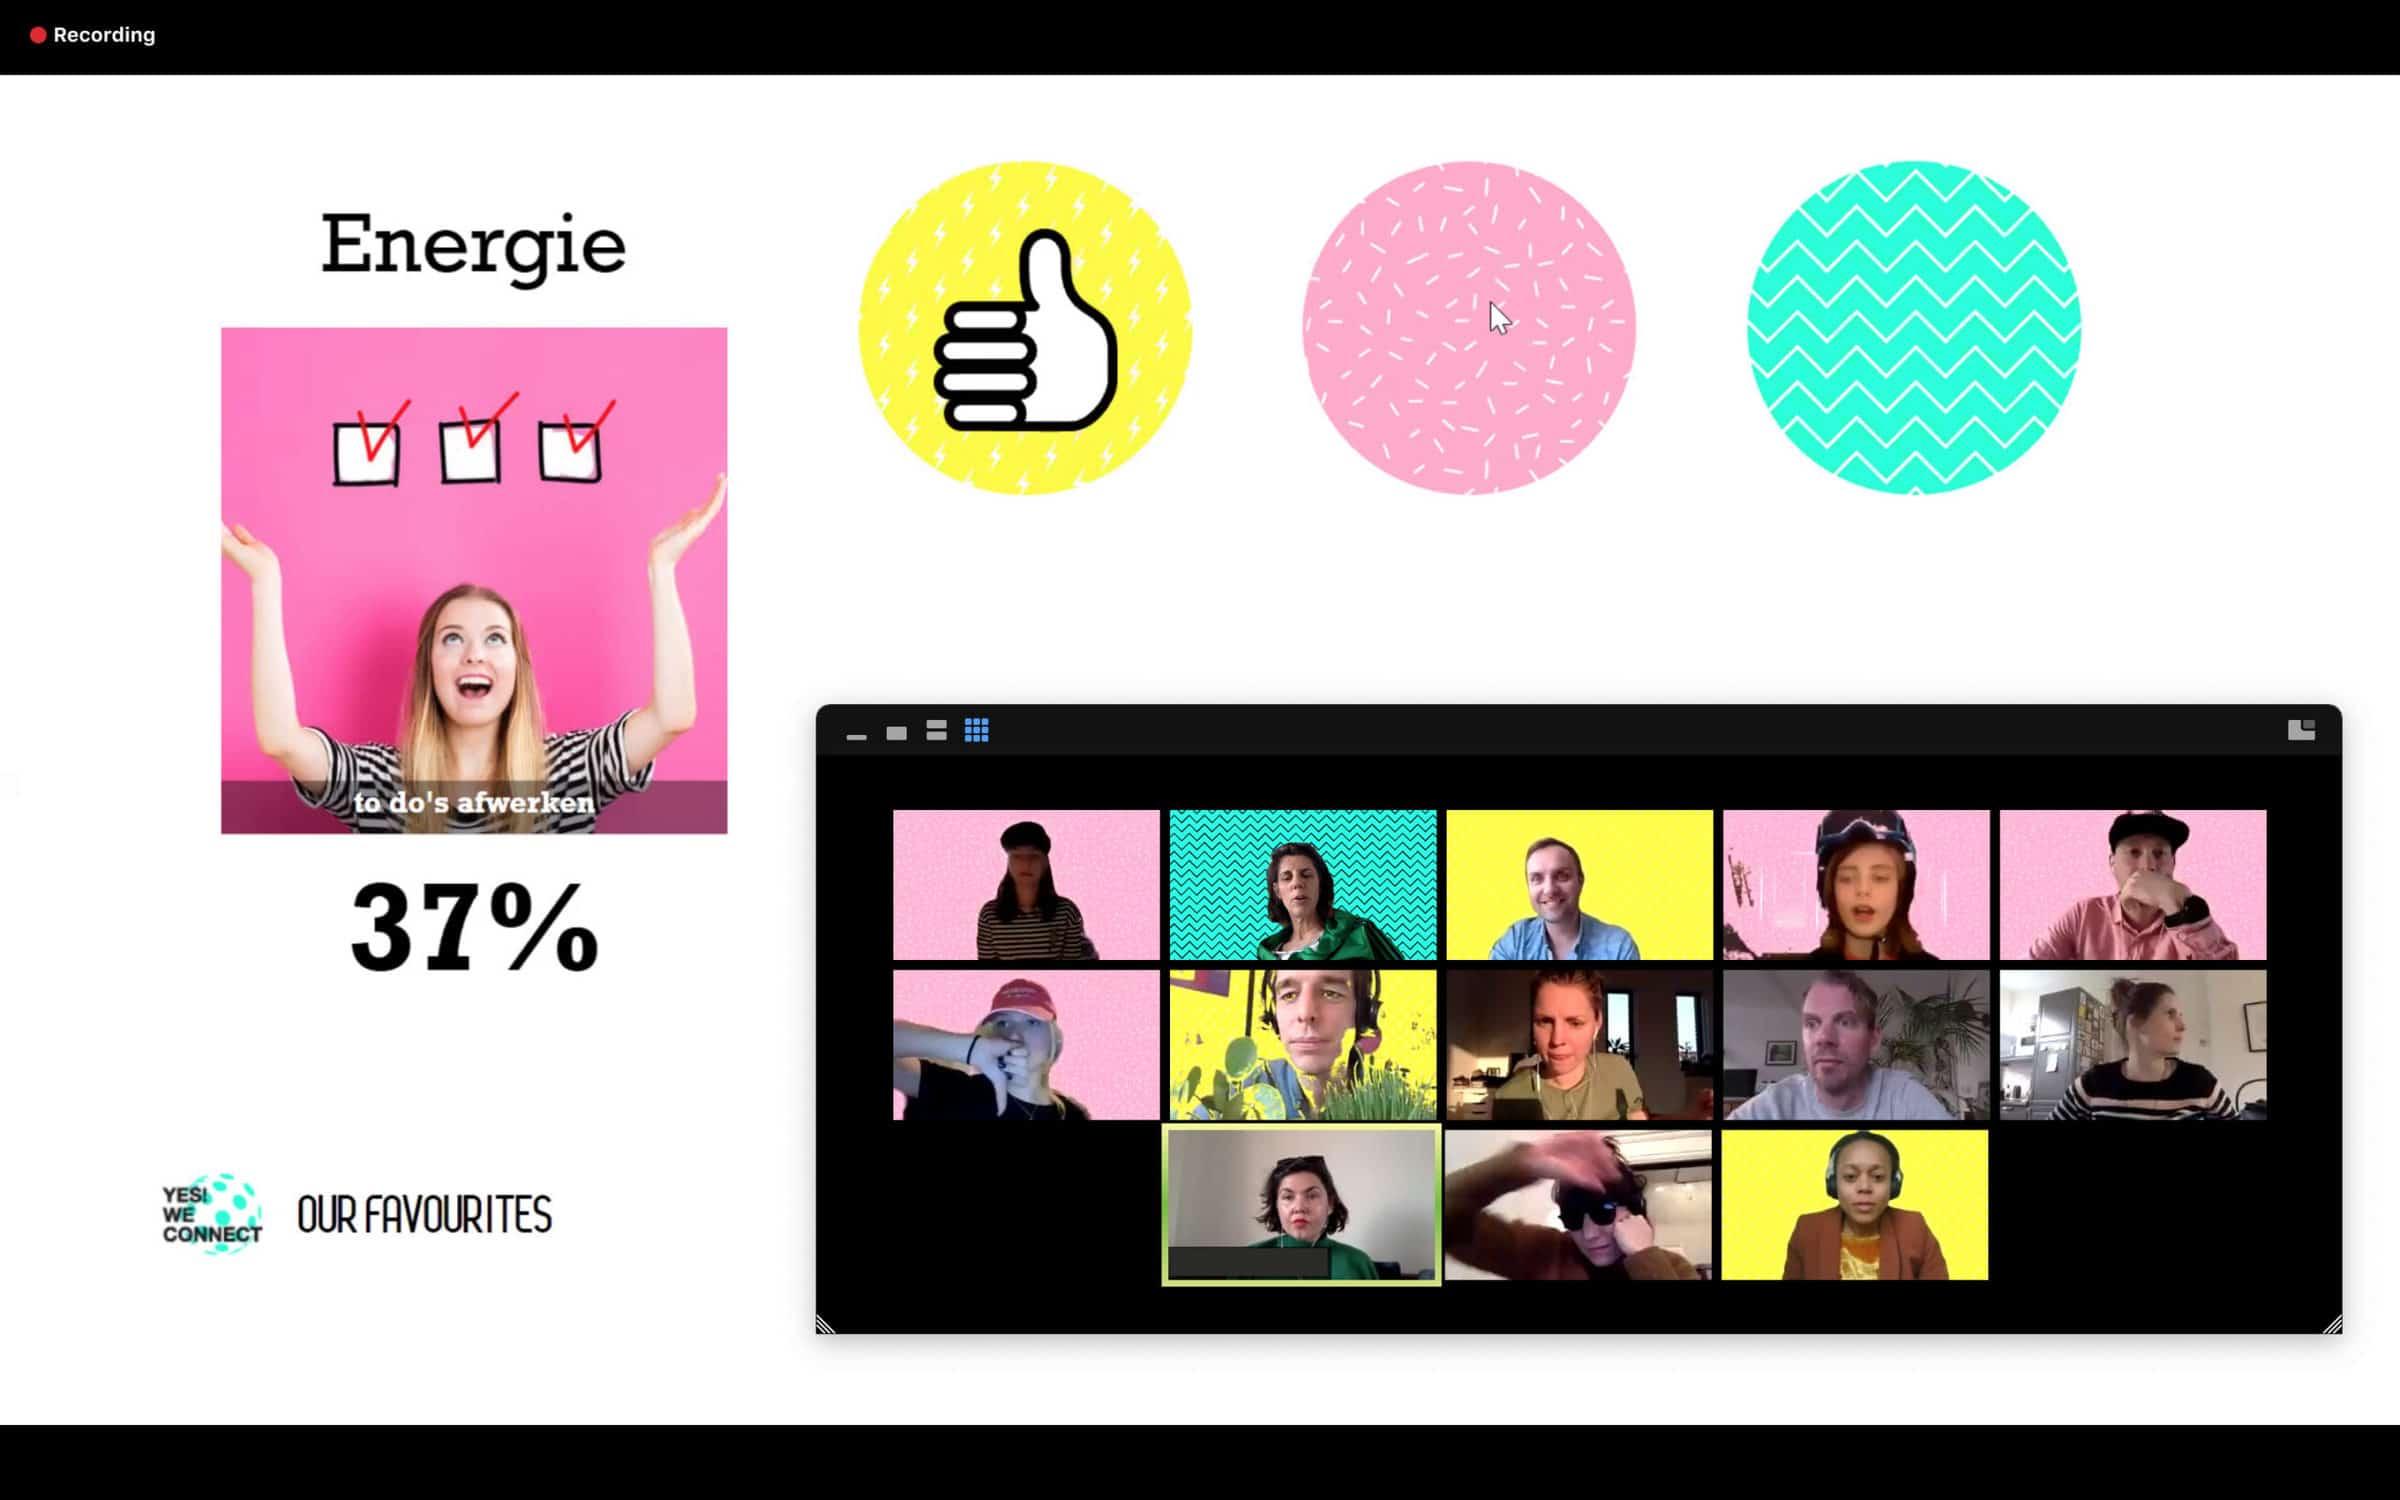 Online dashboard met veel kleur en uitslag van polls die bekeken worden met medewerkers in beeld op online platform Yes! We Connect - Event Inspiration